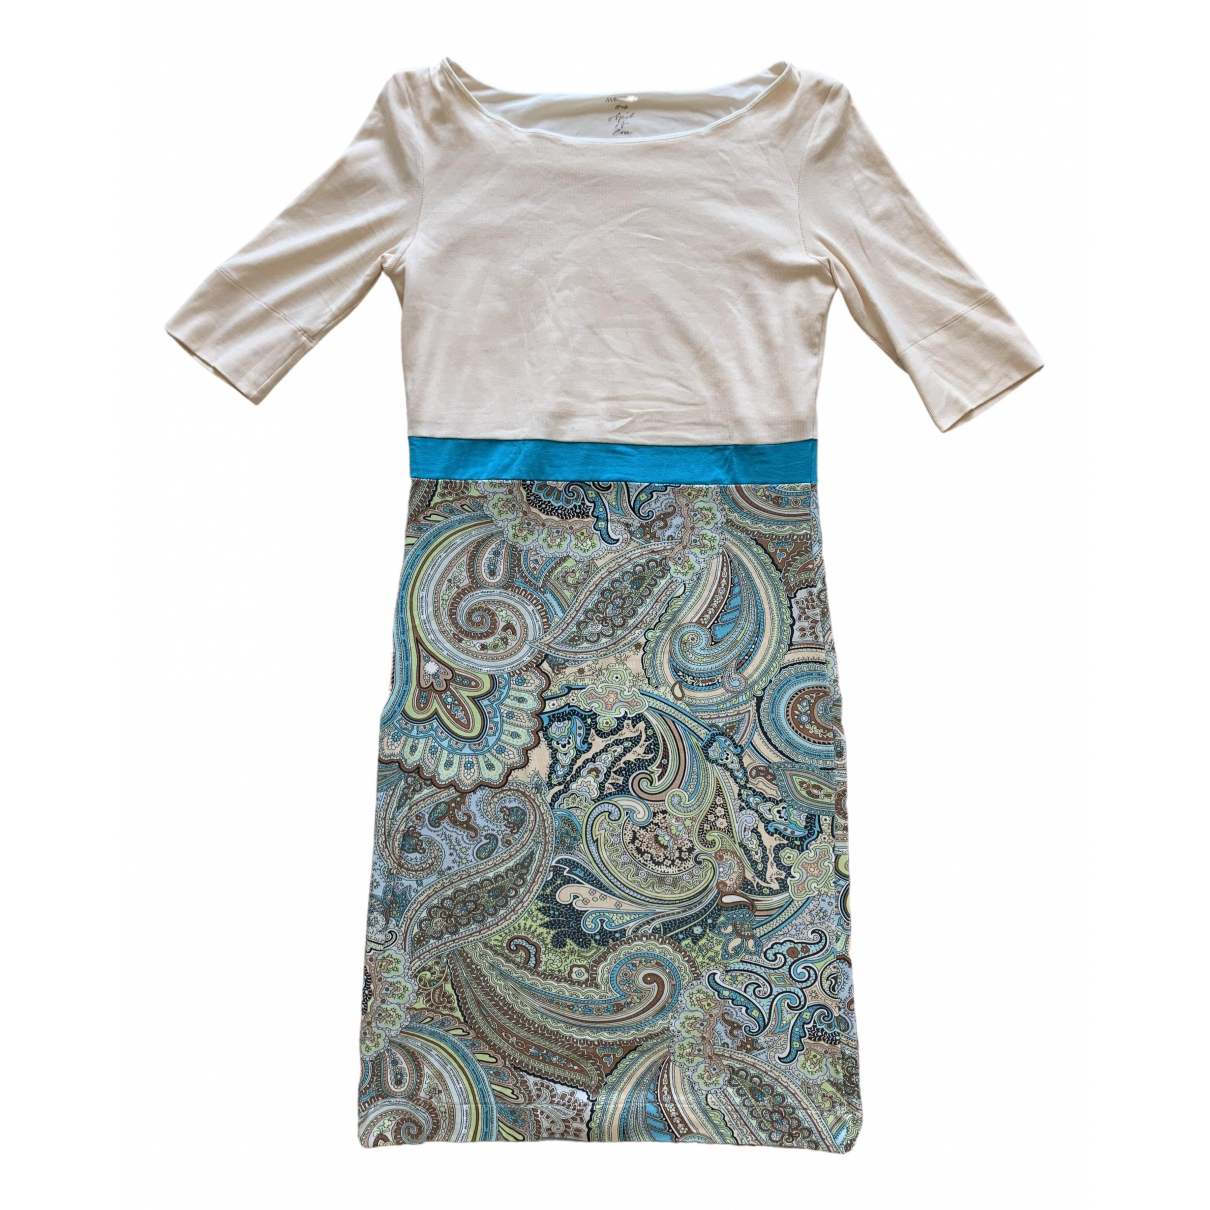 Marc Cain \N Kleid in  Beige Baumwolle - Elasthan